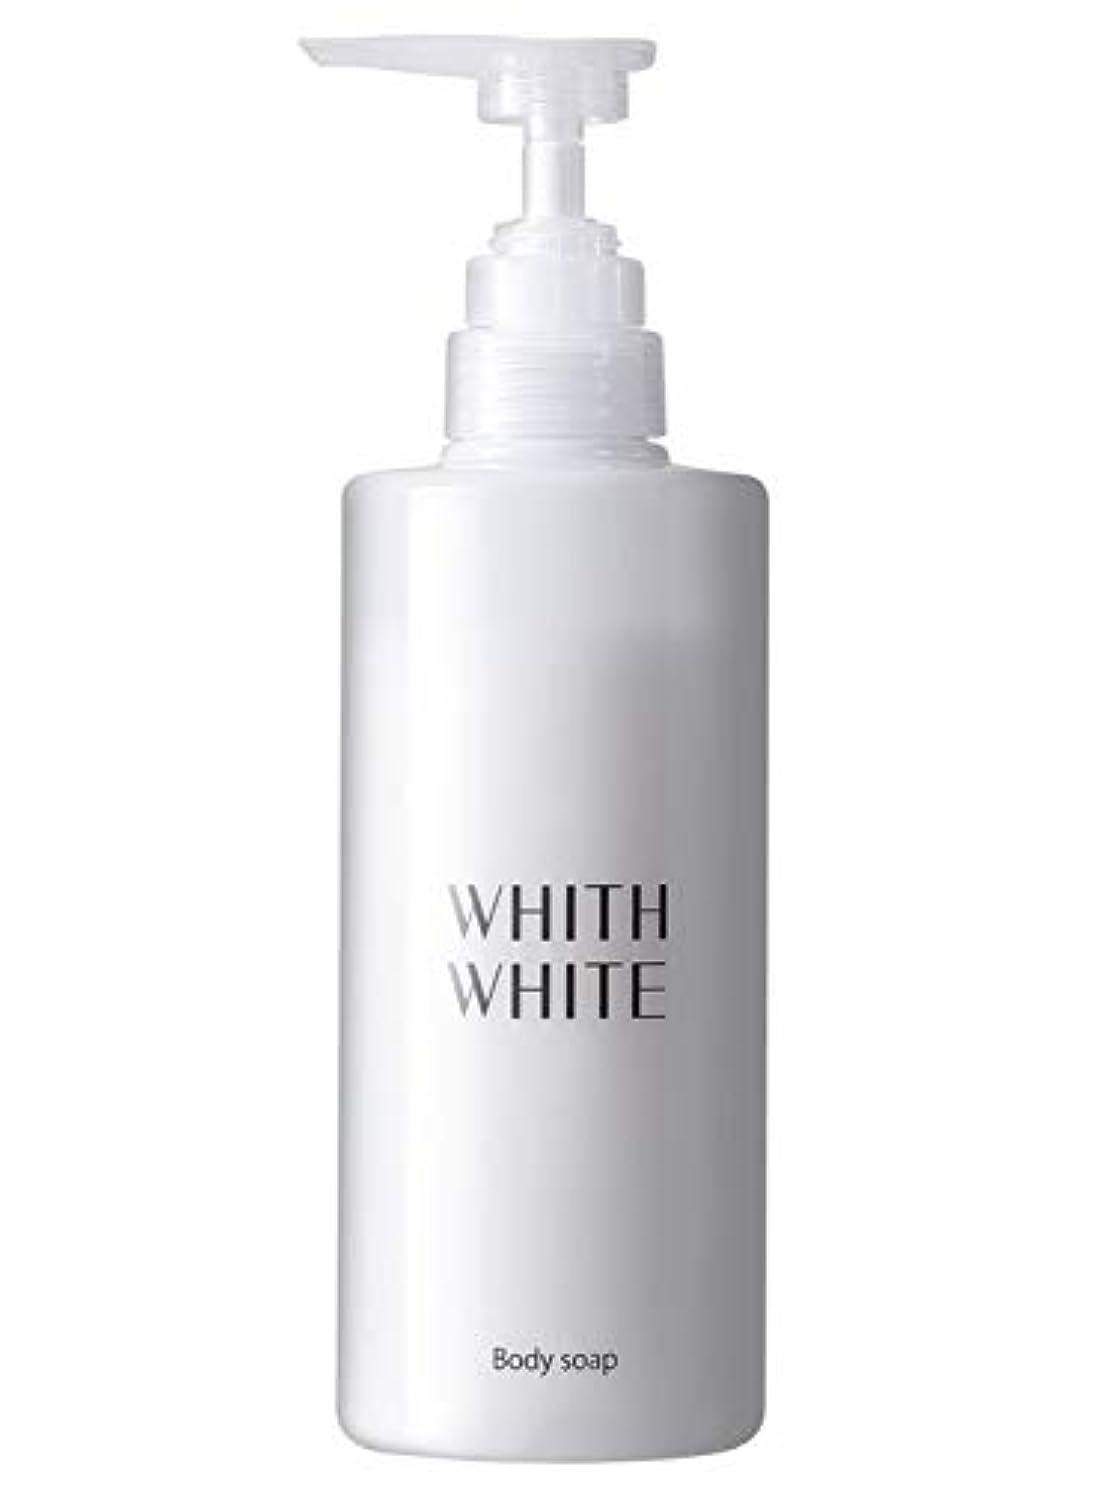 指レイアウト文字通り無添加 ボディソープ フィス ホワイト 【 エレガントフローラルのいい香り 】 保湿 ボディーソープ 「 泡で黒ずみ さっぱり ボディシャンプー 」「 ヒアルロン酸 コラーゲン セラミド 配合」450ml